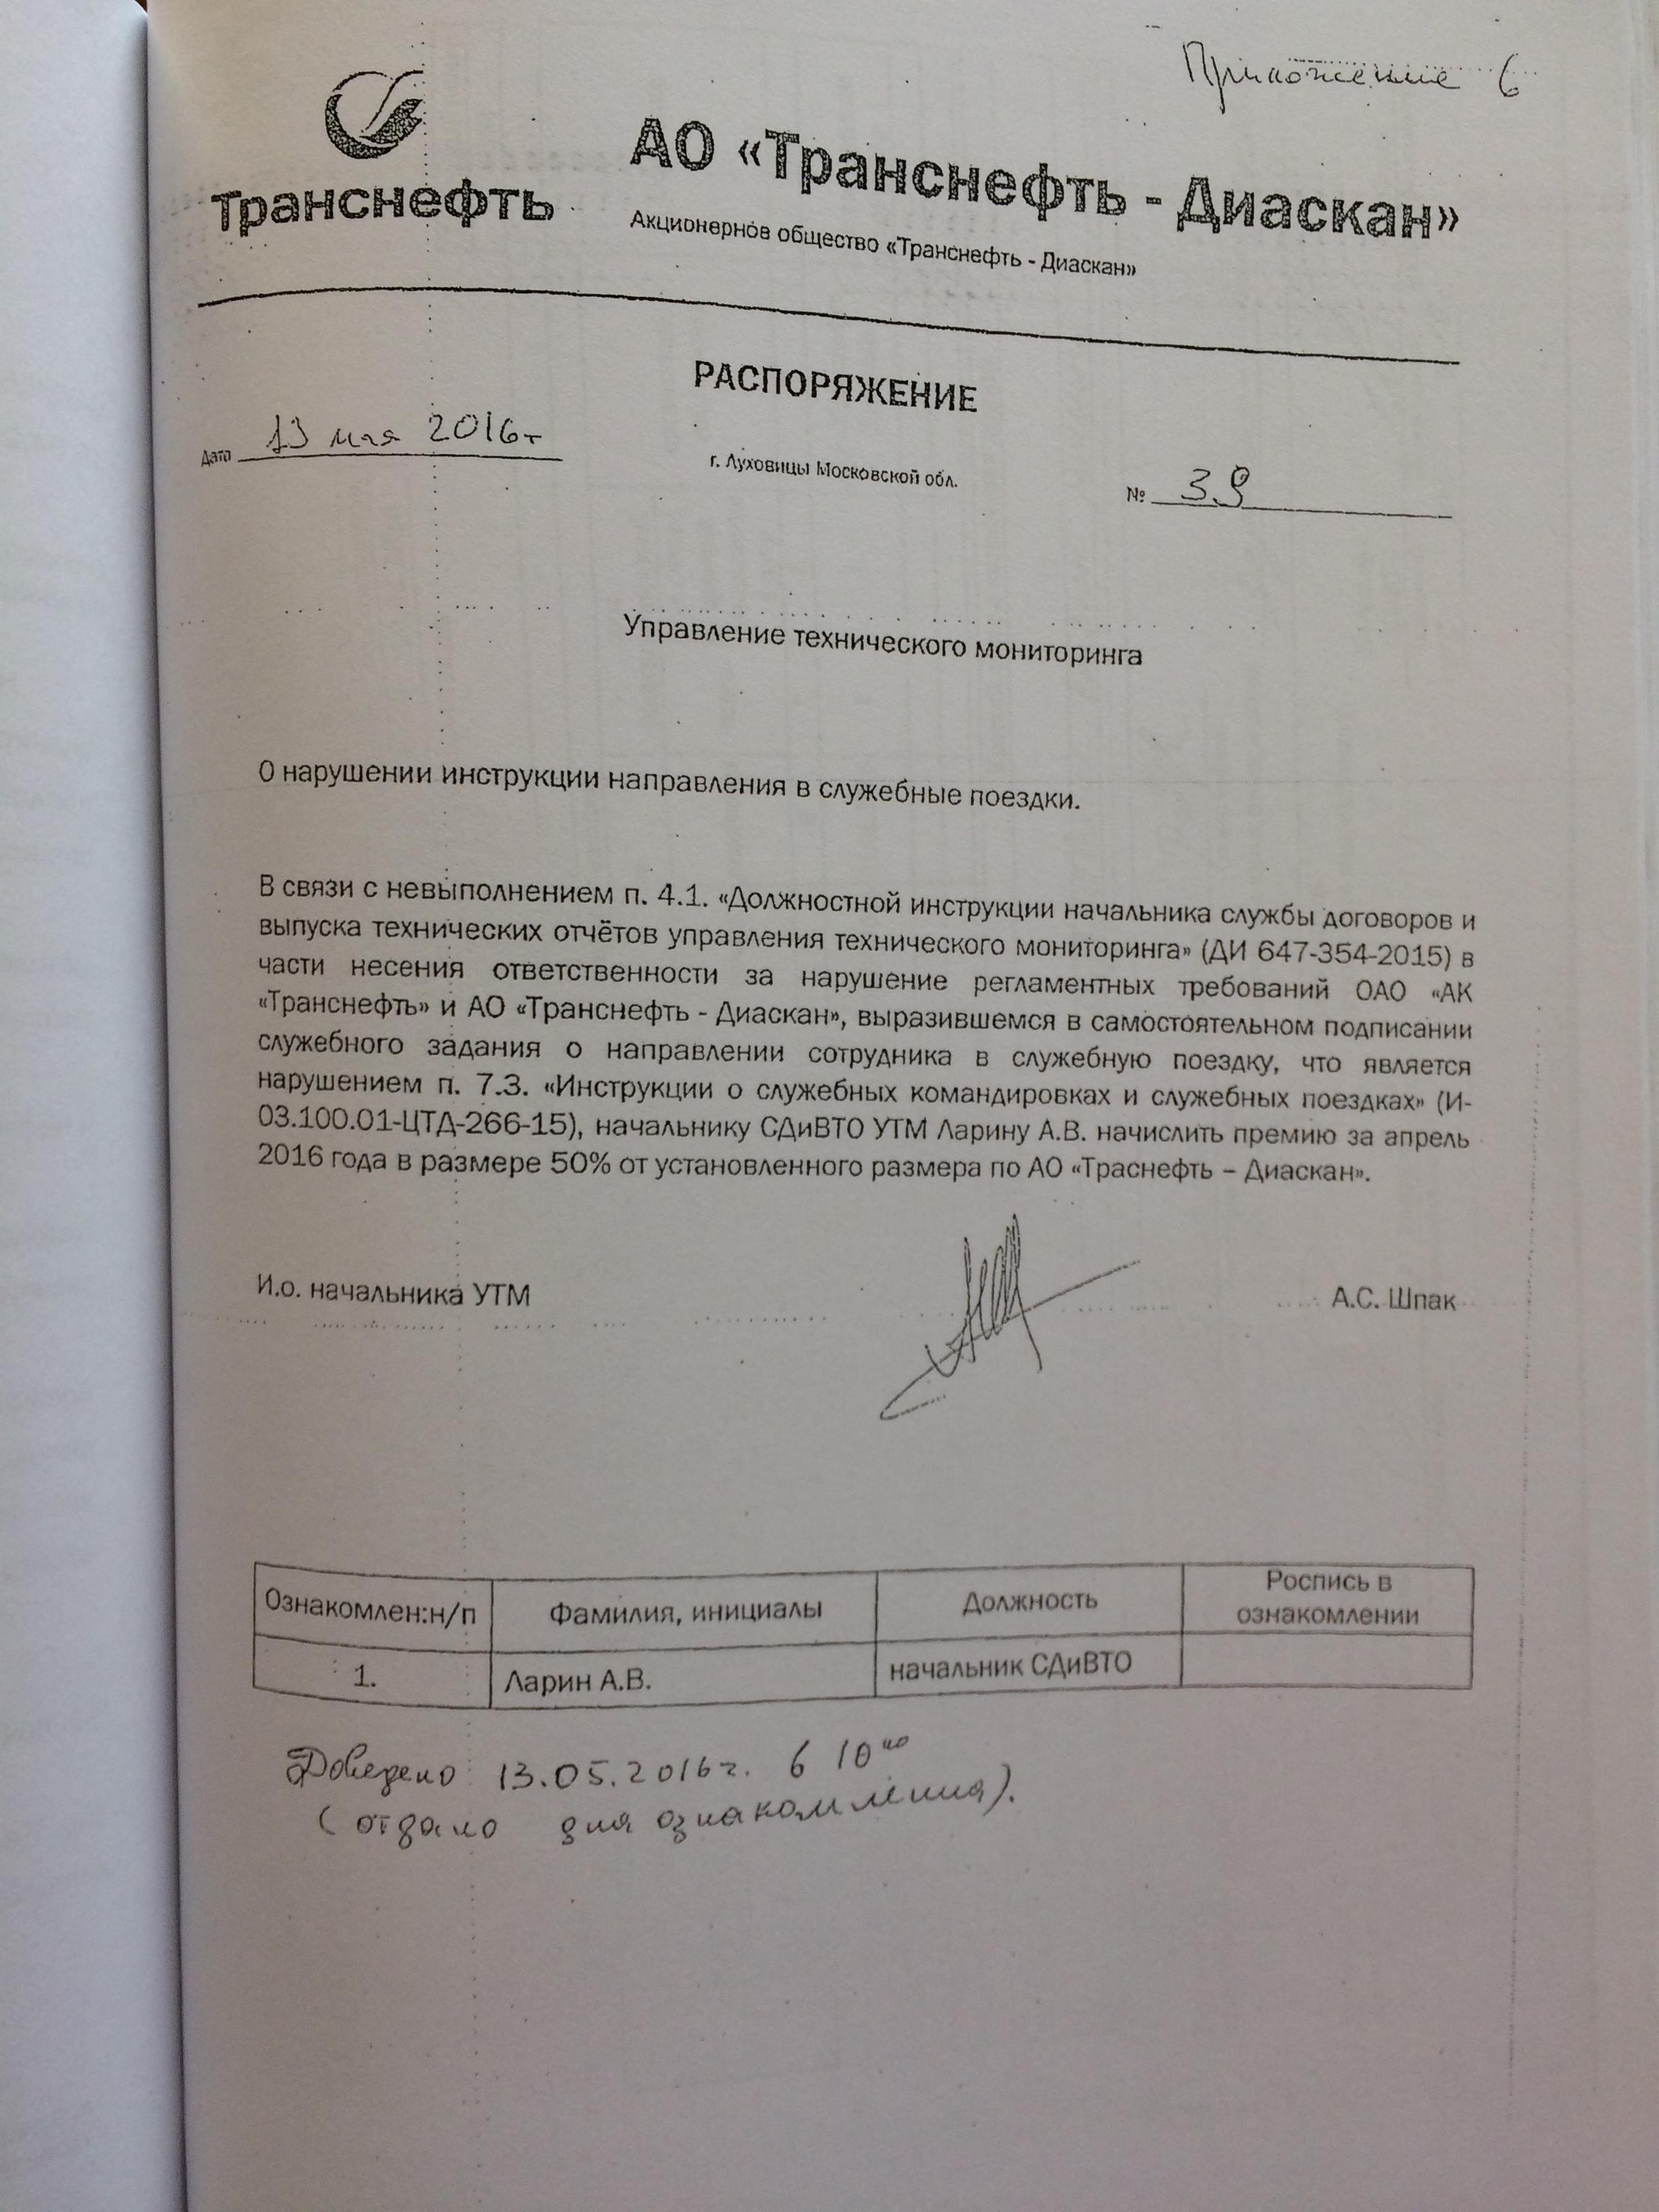 Фото документов проверки Луховицкой городской прокуратурой - 98 (5)